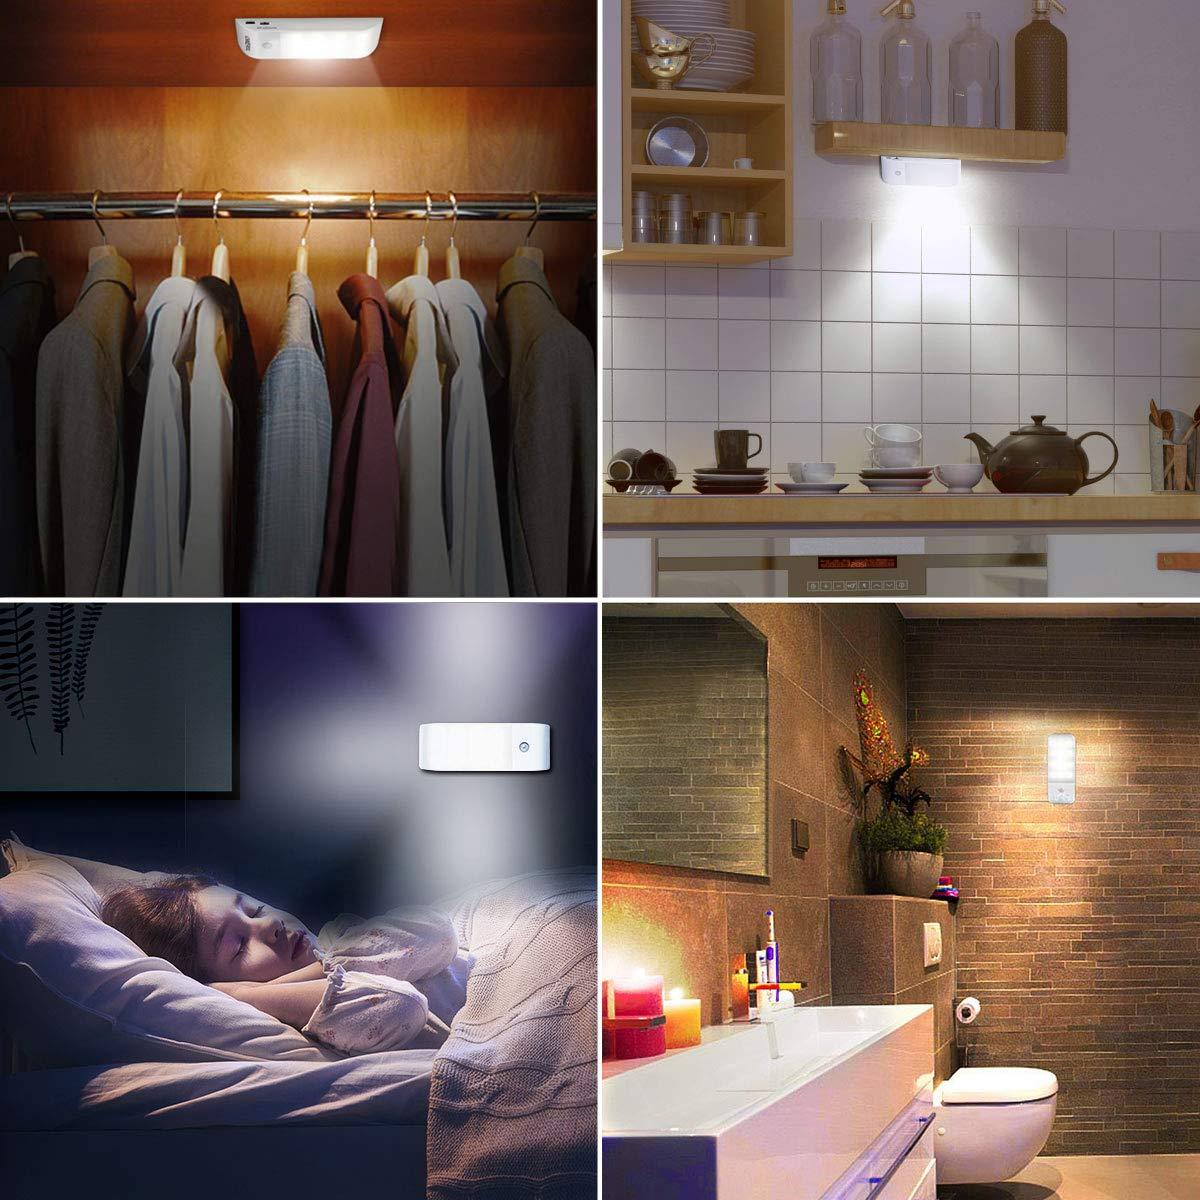 Garage 3 modalit/à di Luce per Armadio 2 Pezzi VIDEN Luce Notte LED Corridoi Ricaricabile Lampada Armadio USB Scale Cucina Luce LED Sensore di Movimento con Striscia Magnetica Adesiva